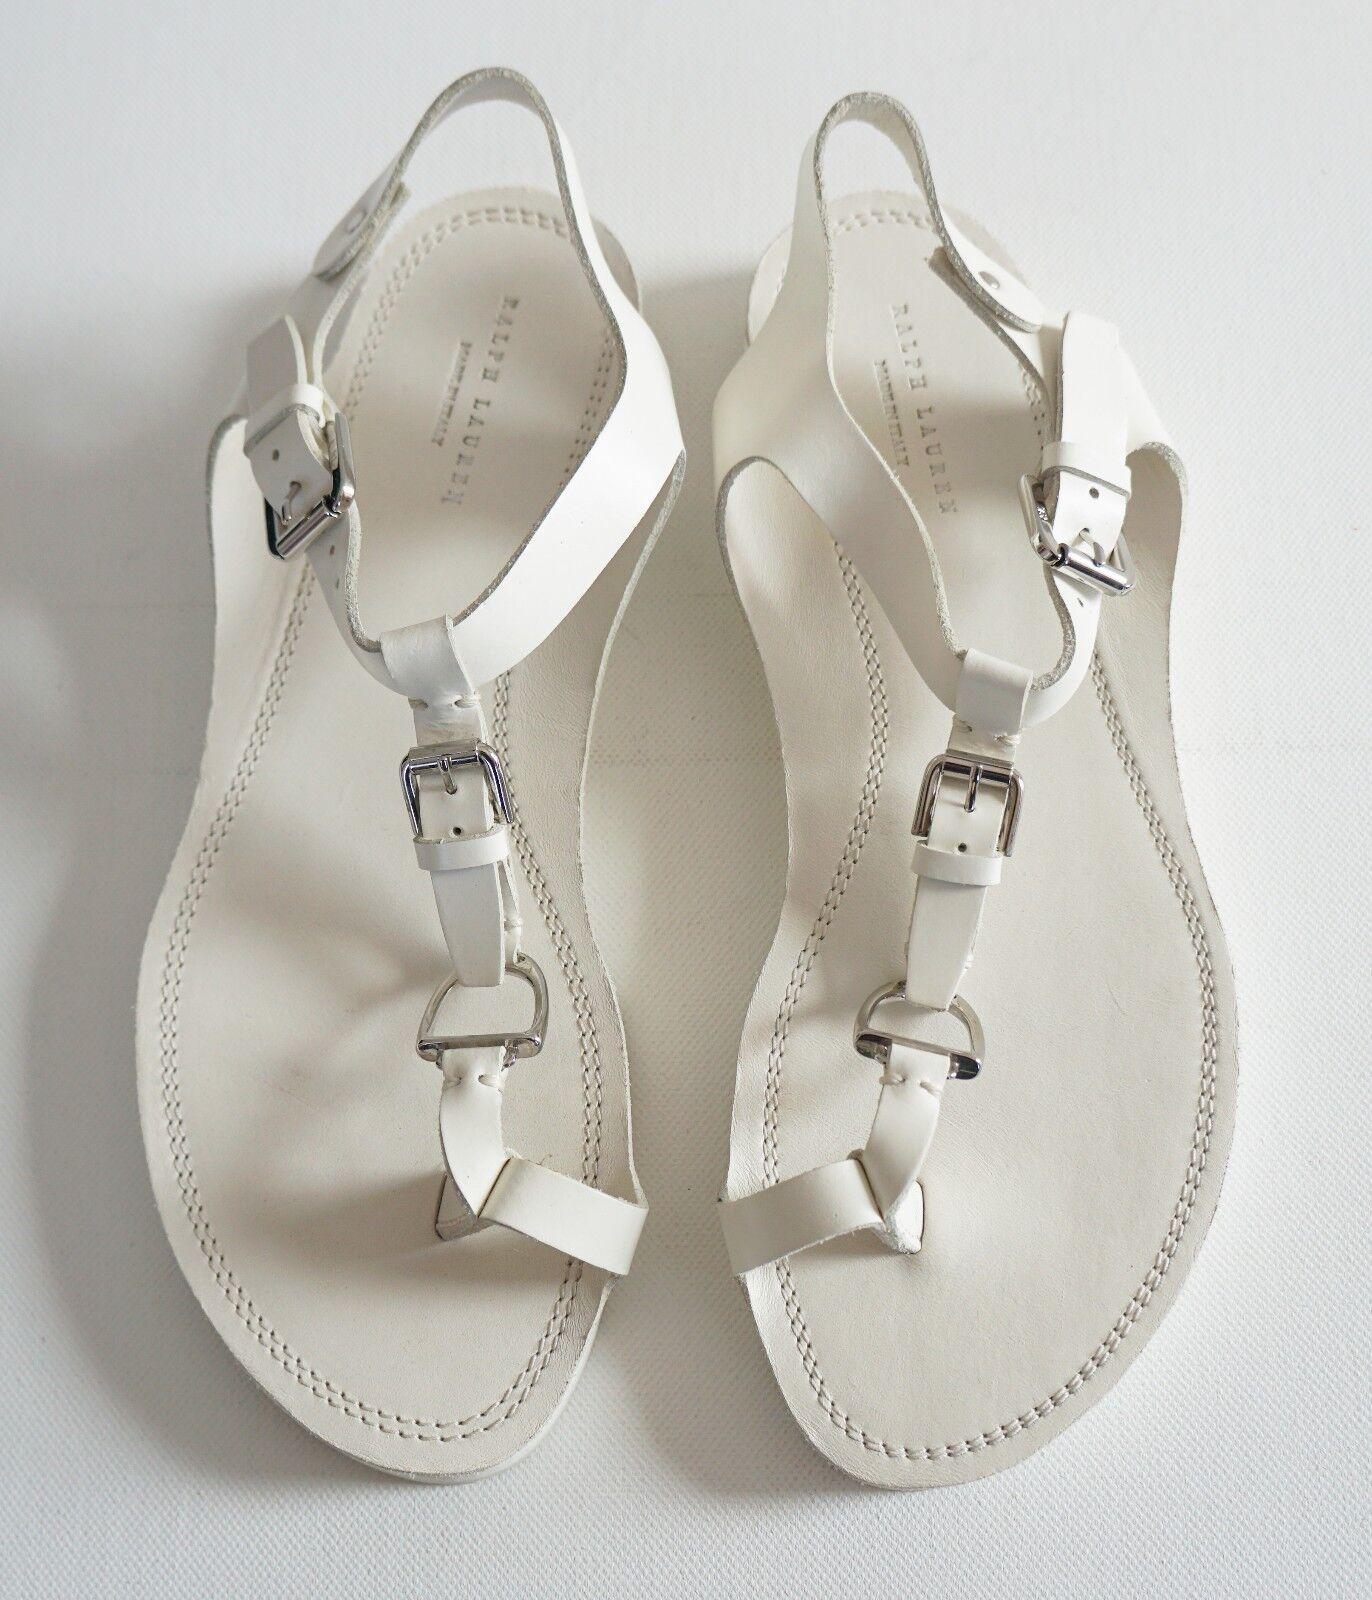 RARPH LAUREN vit vit vit läder STIRRUP Detailing Buckle Flat Sandals Flat Sandals Flats 7B  Fri frakt på alla beställningar